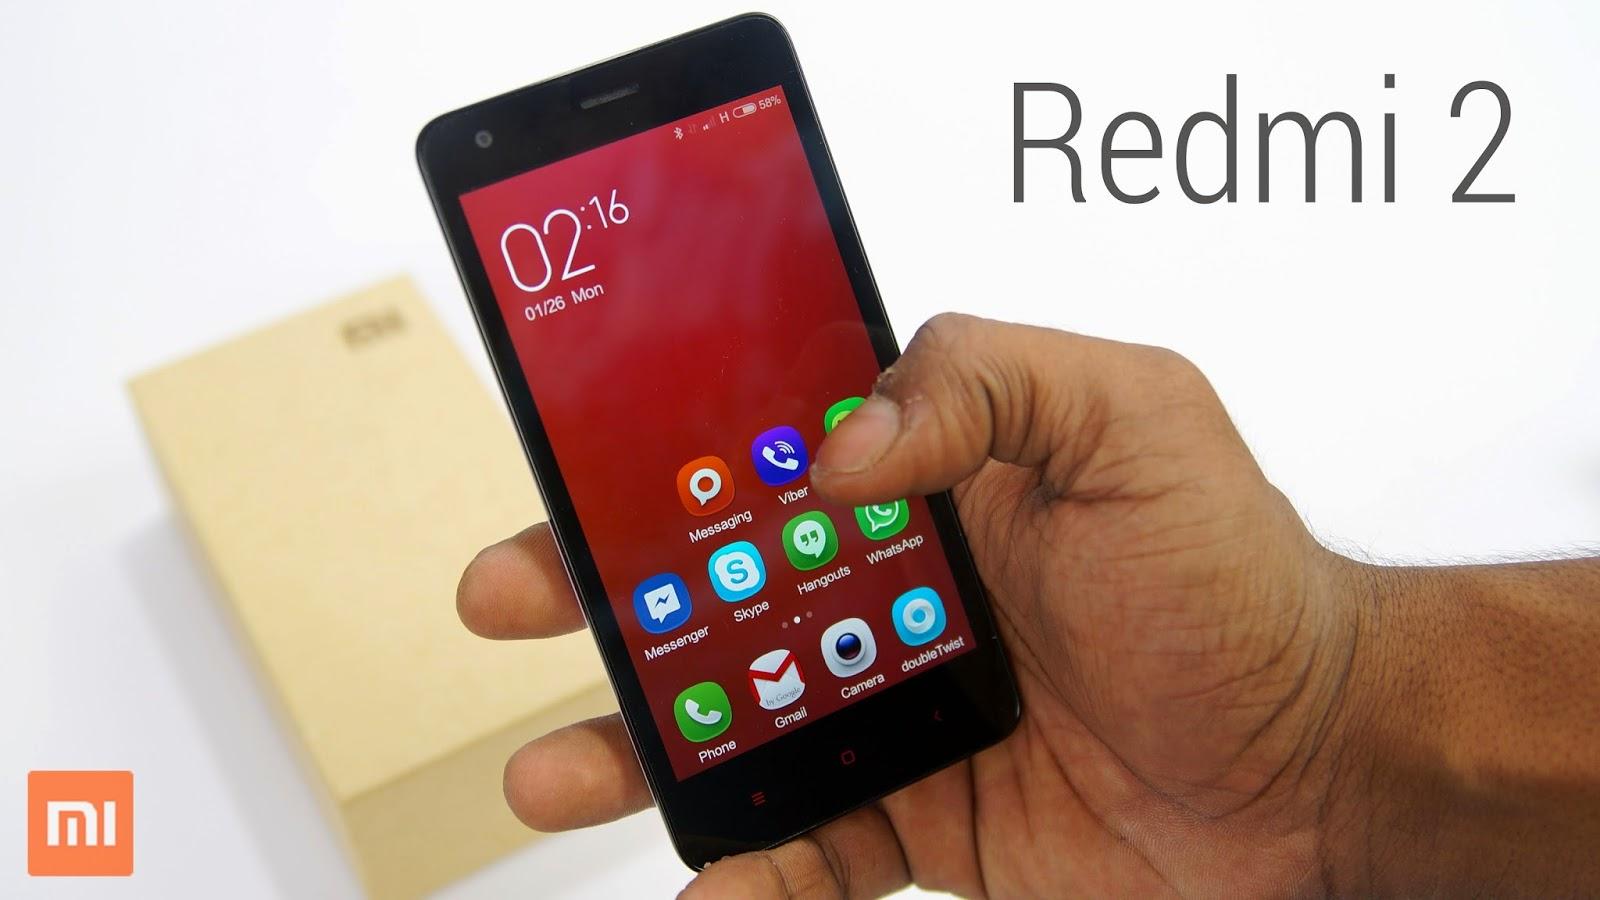 Kelebihan Xiaomi Redmi 2 Dibanding Xiaomi Redmi 1S